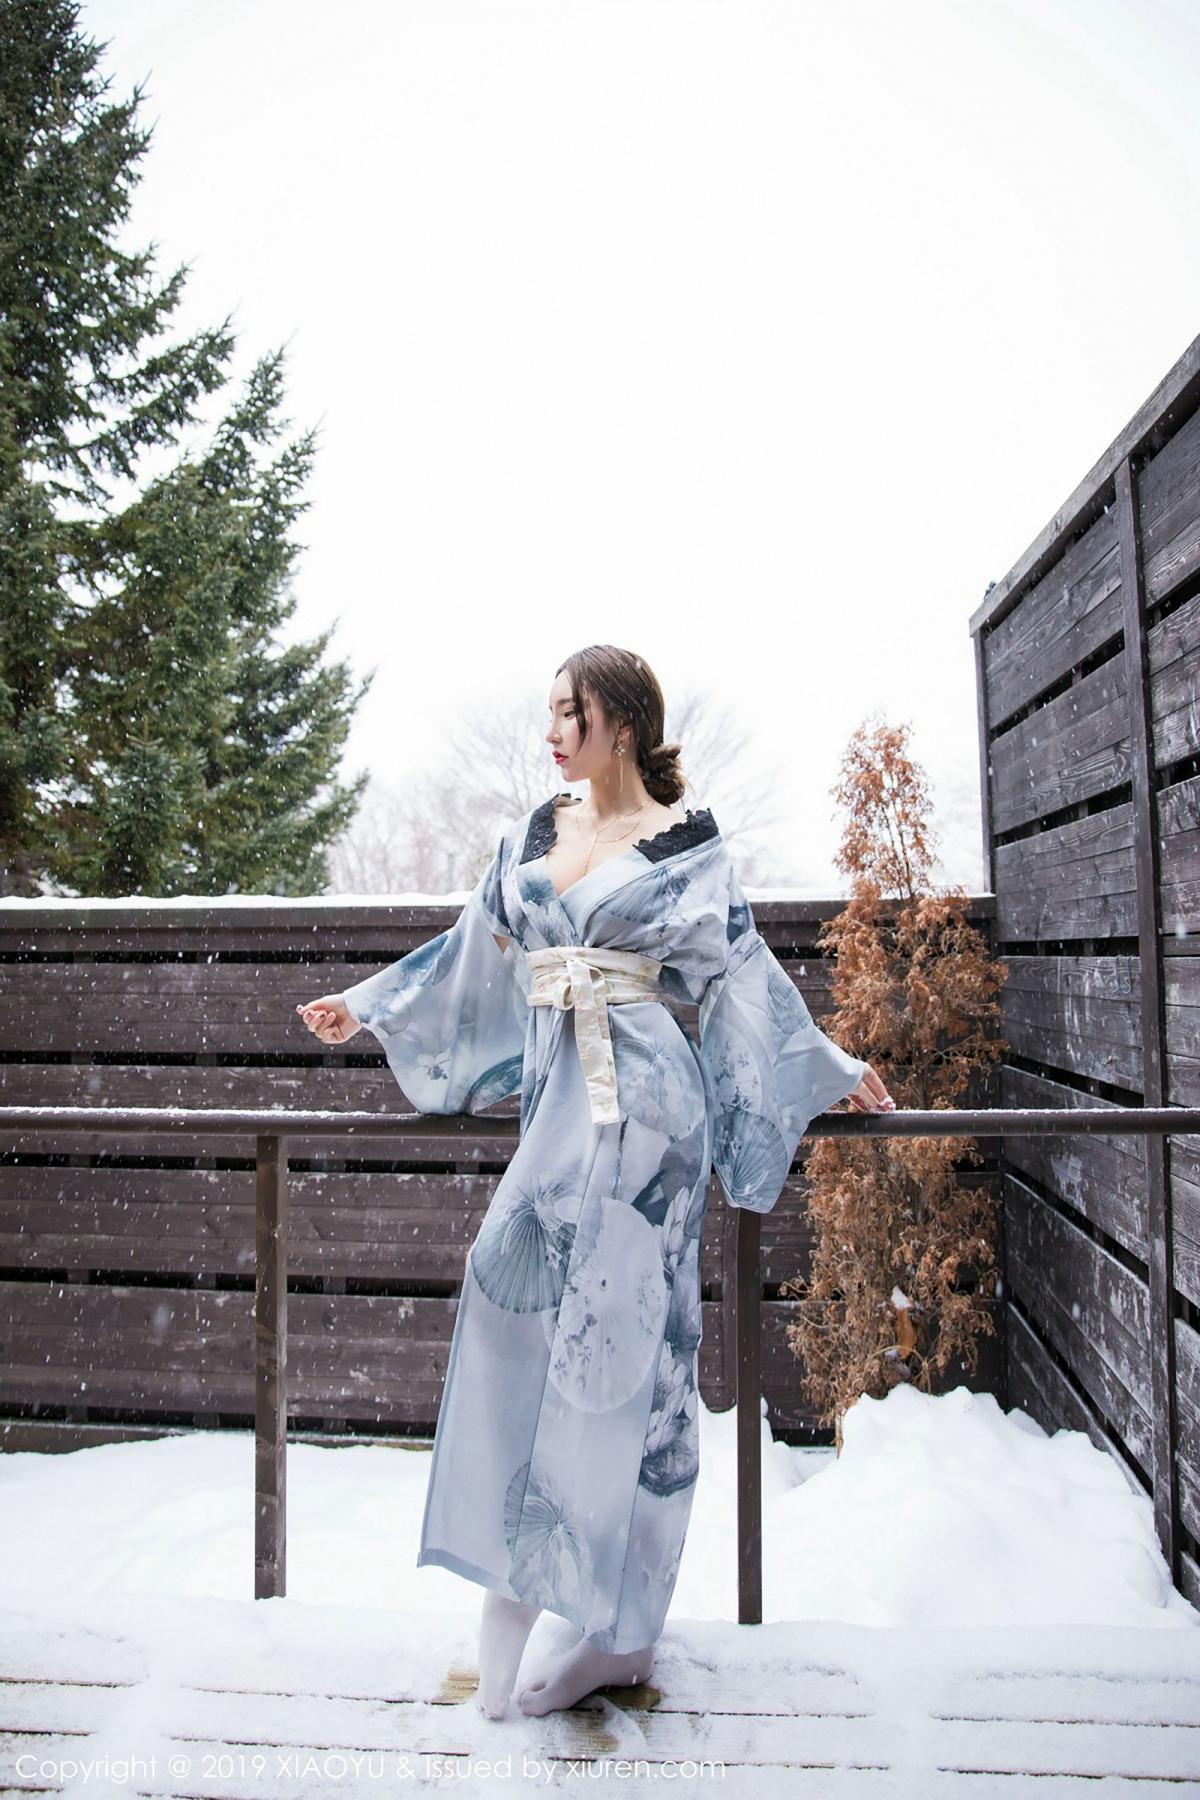 [XiaoYu] Vol.007 Zhou Yu Xi 22P, Snow, Tall, XiaoYu, Zhou Yu Xi